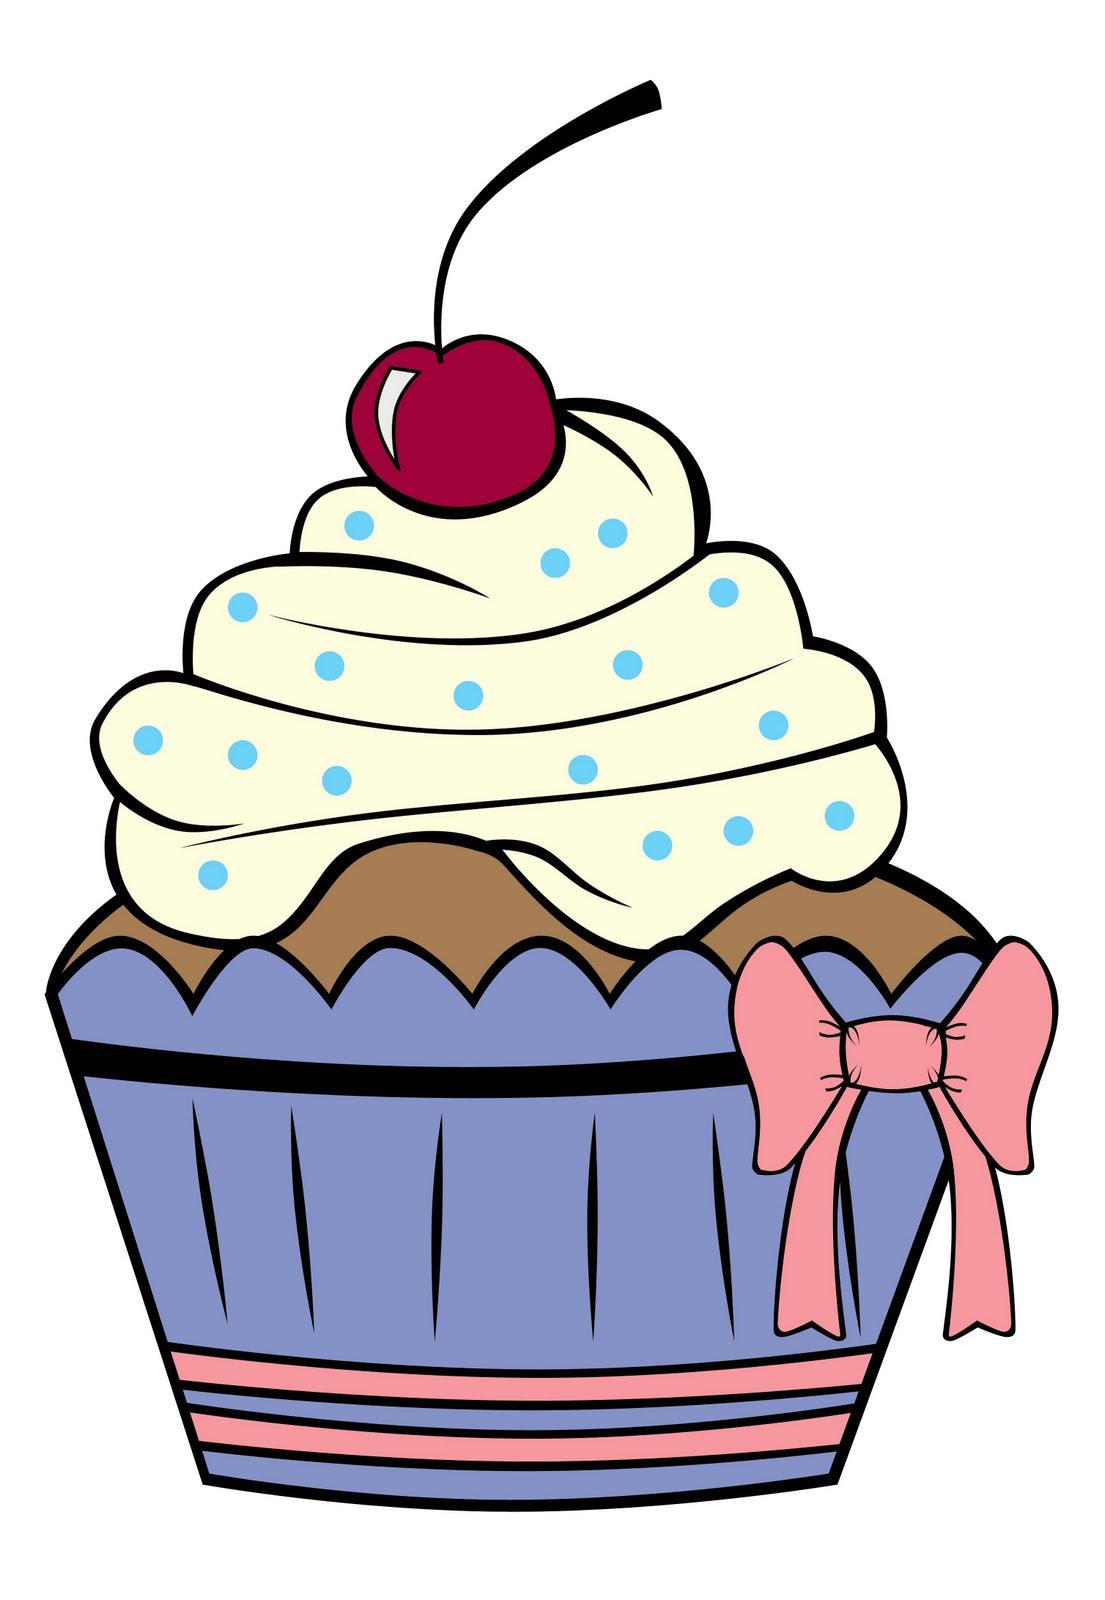 Design Practice: Cupcakes~